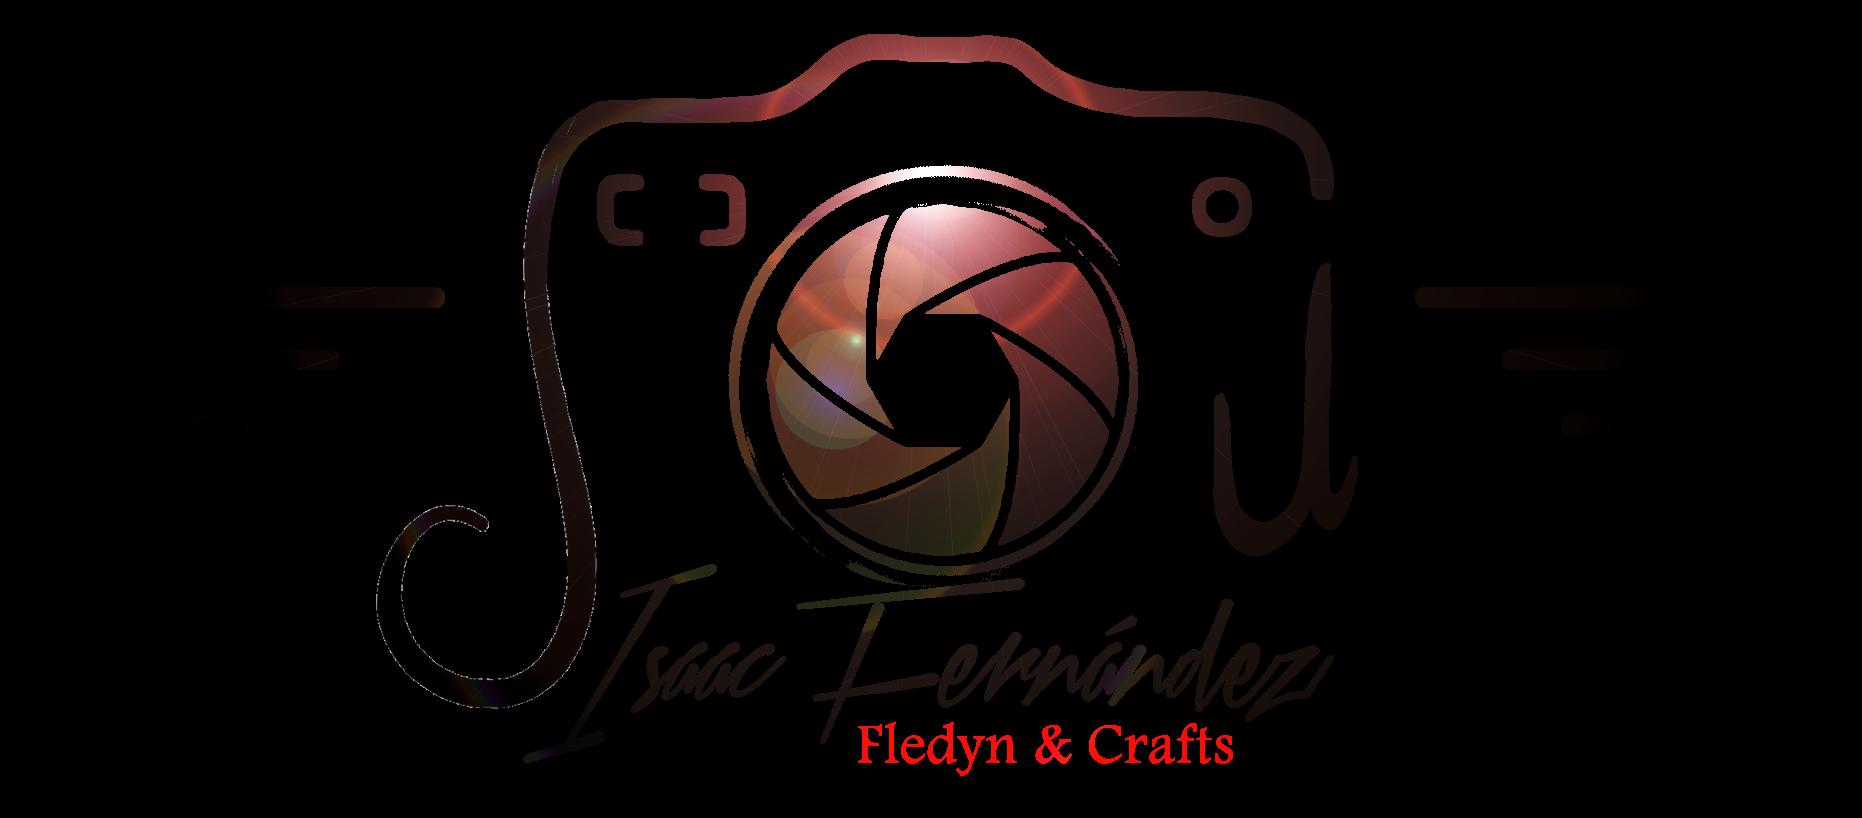 Fledyn & Crafts